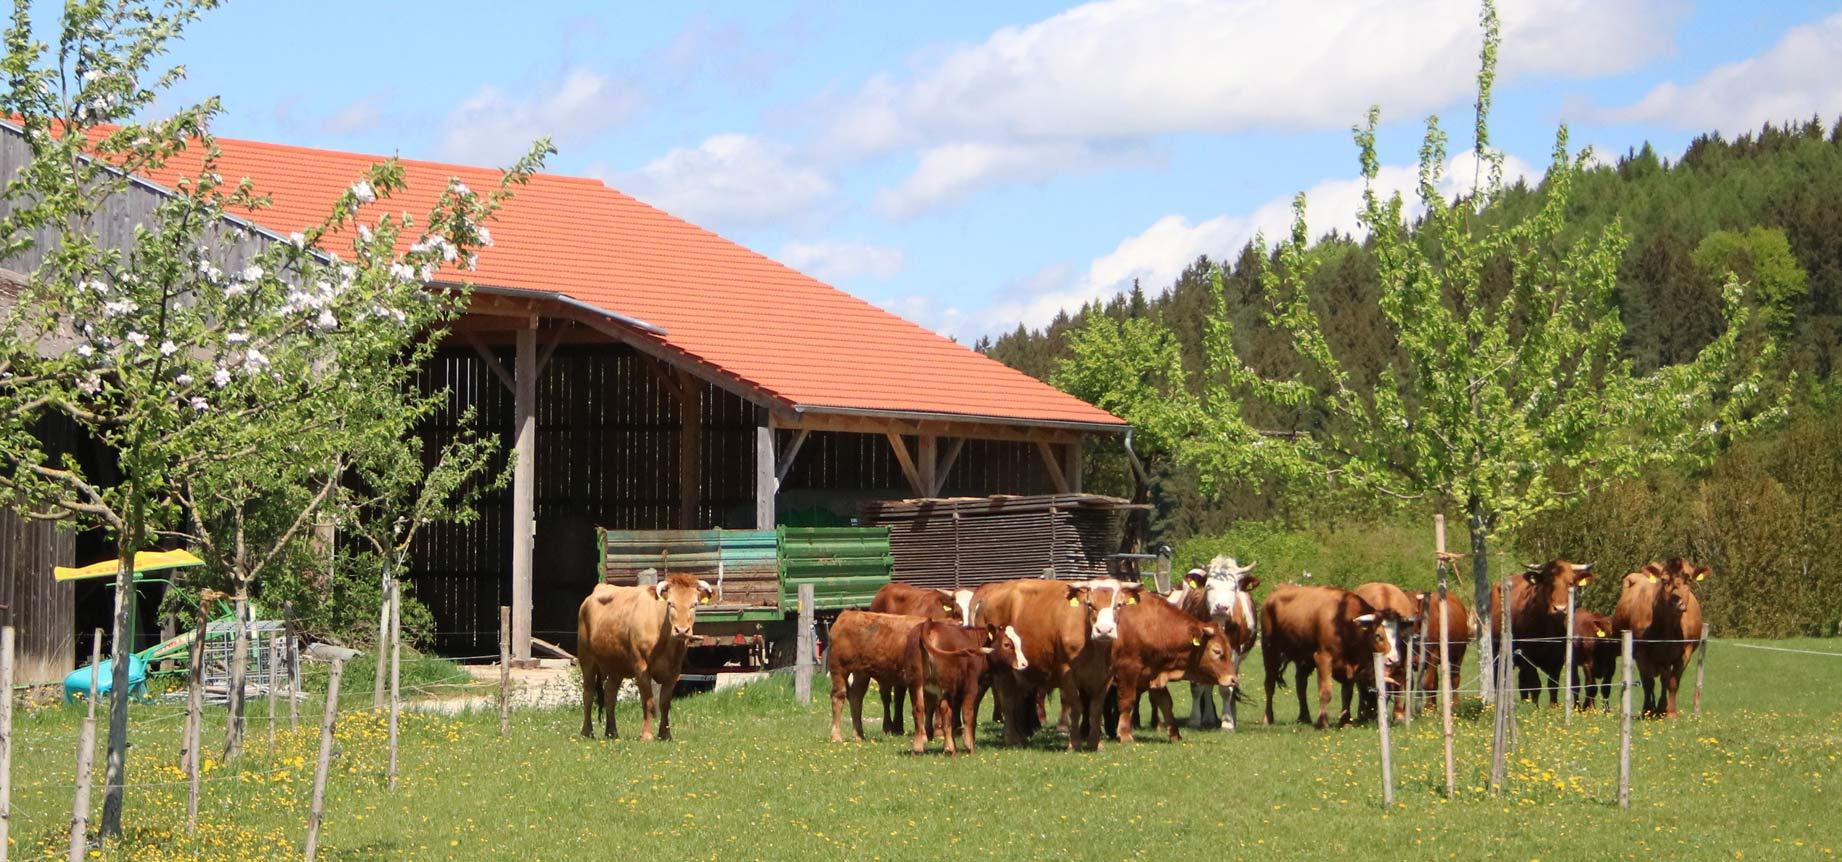 Junge Obstbäume und glückliche Kühe. Foto: Bertram Sturm